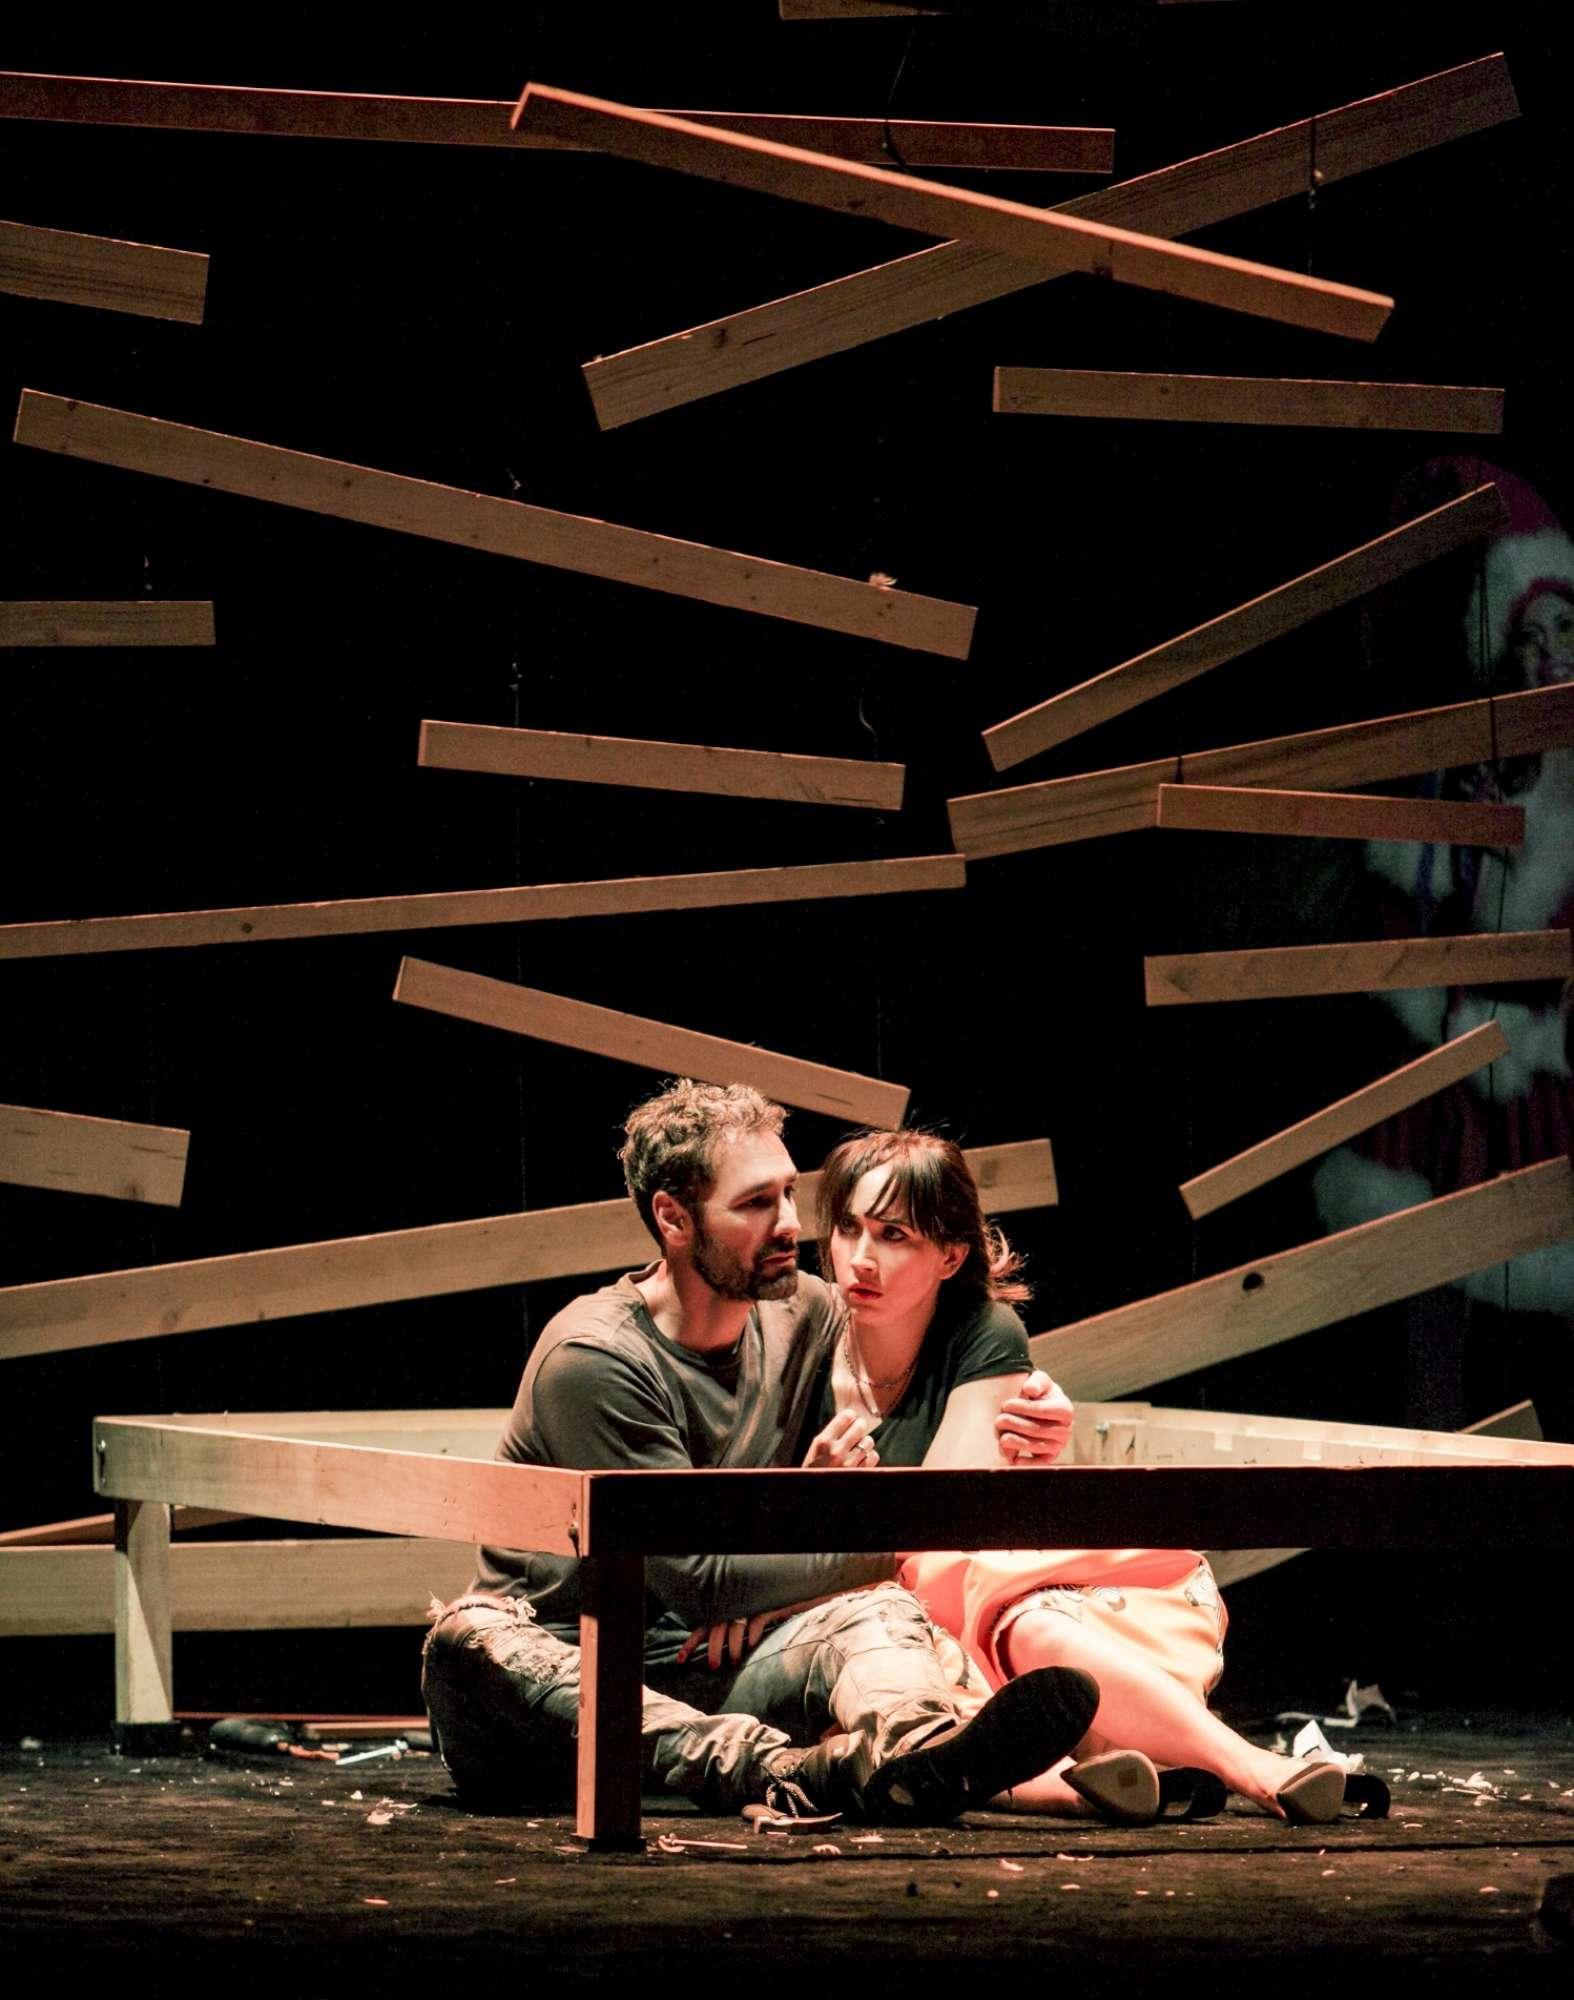 Raoul Bova e Chiara Francini a teatro